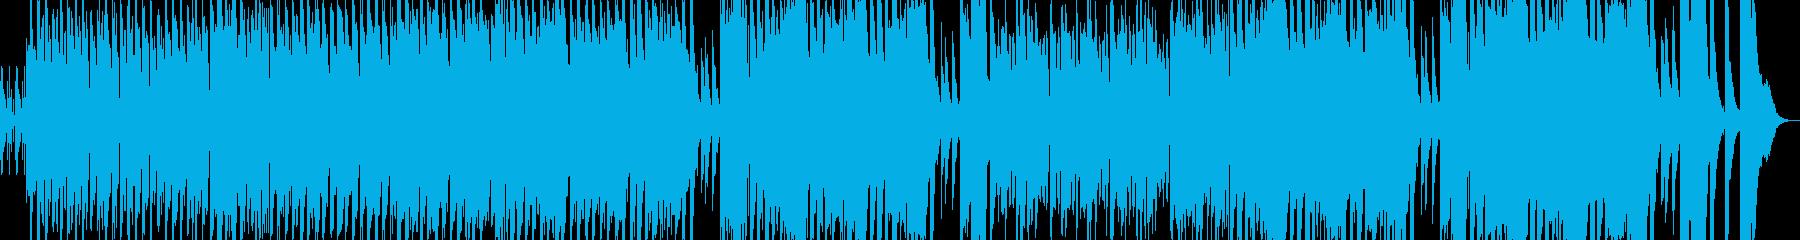 ハンガリー舞曲/テクノアレンジの再生済みの波形